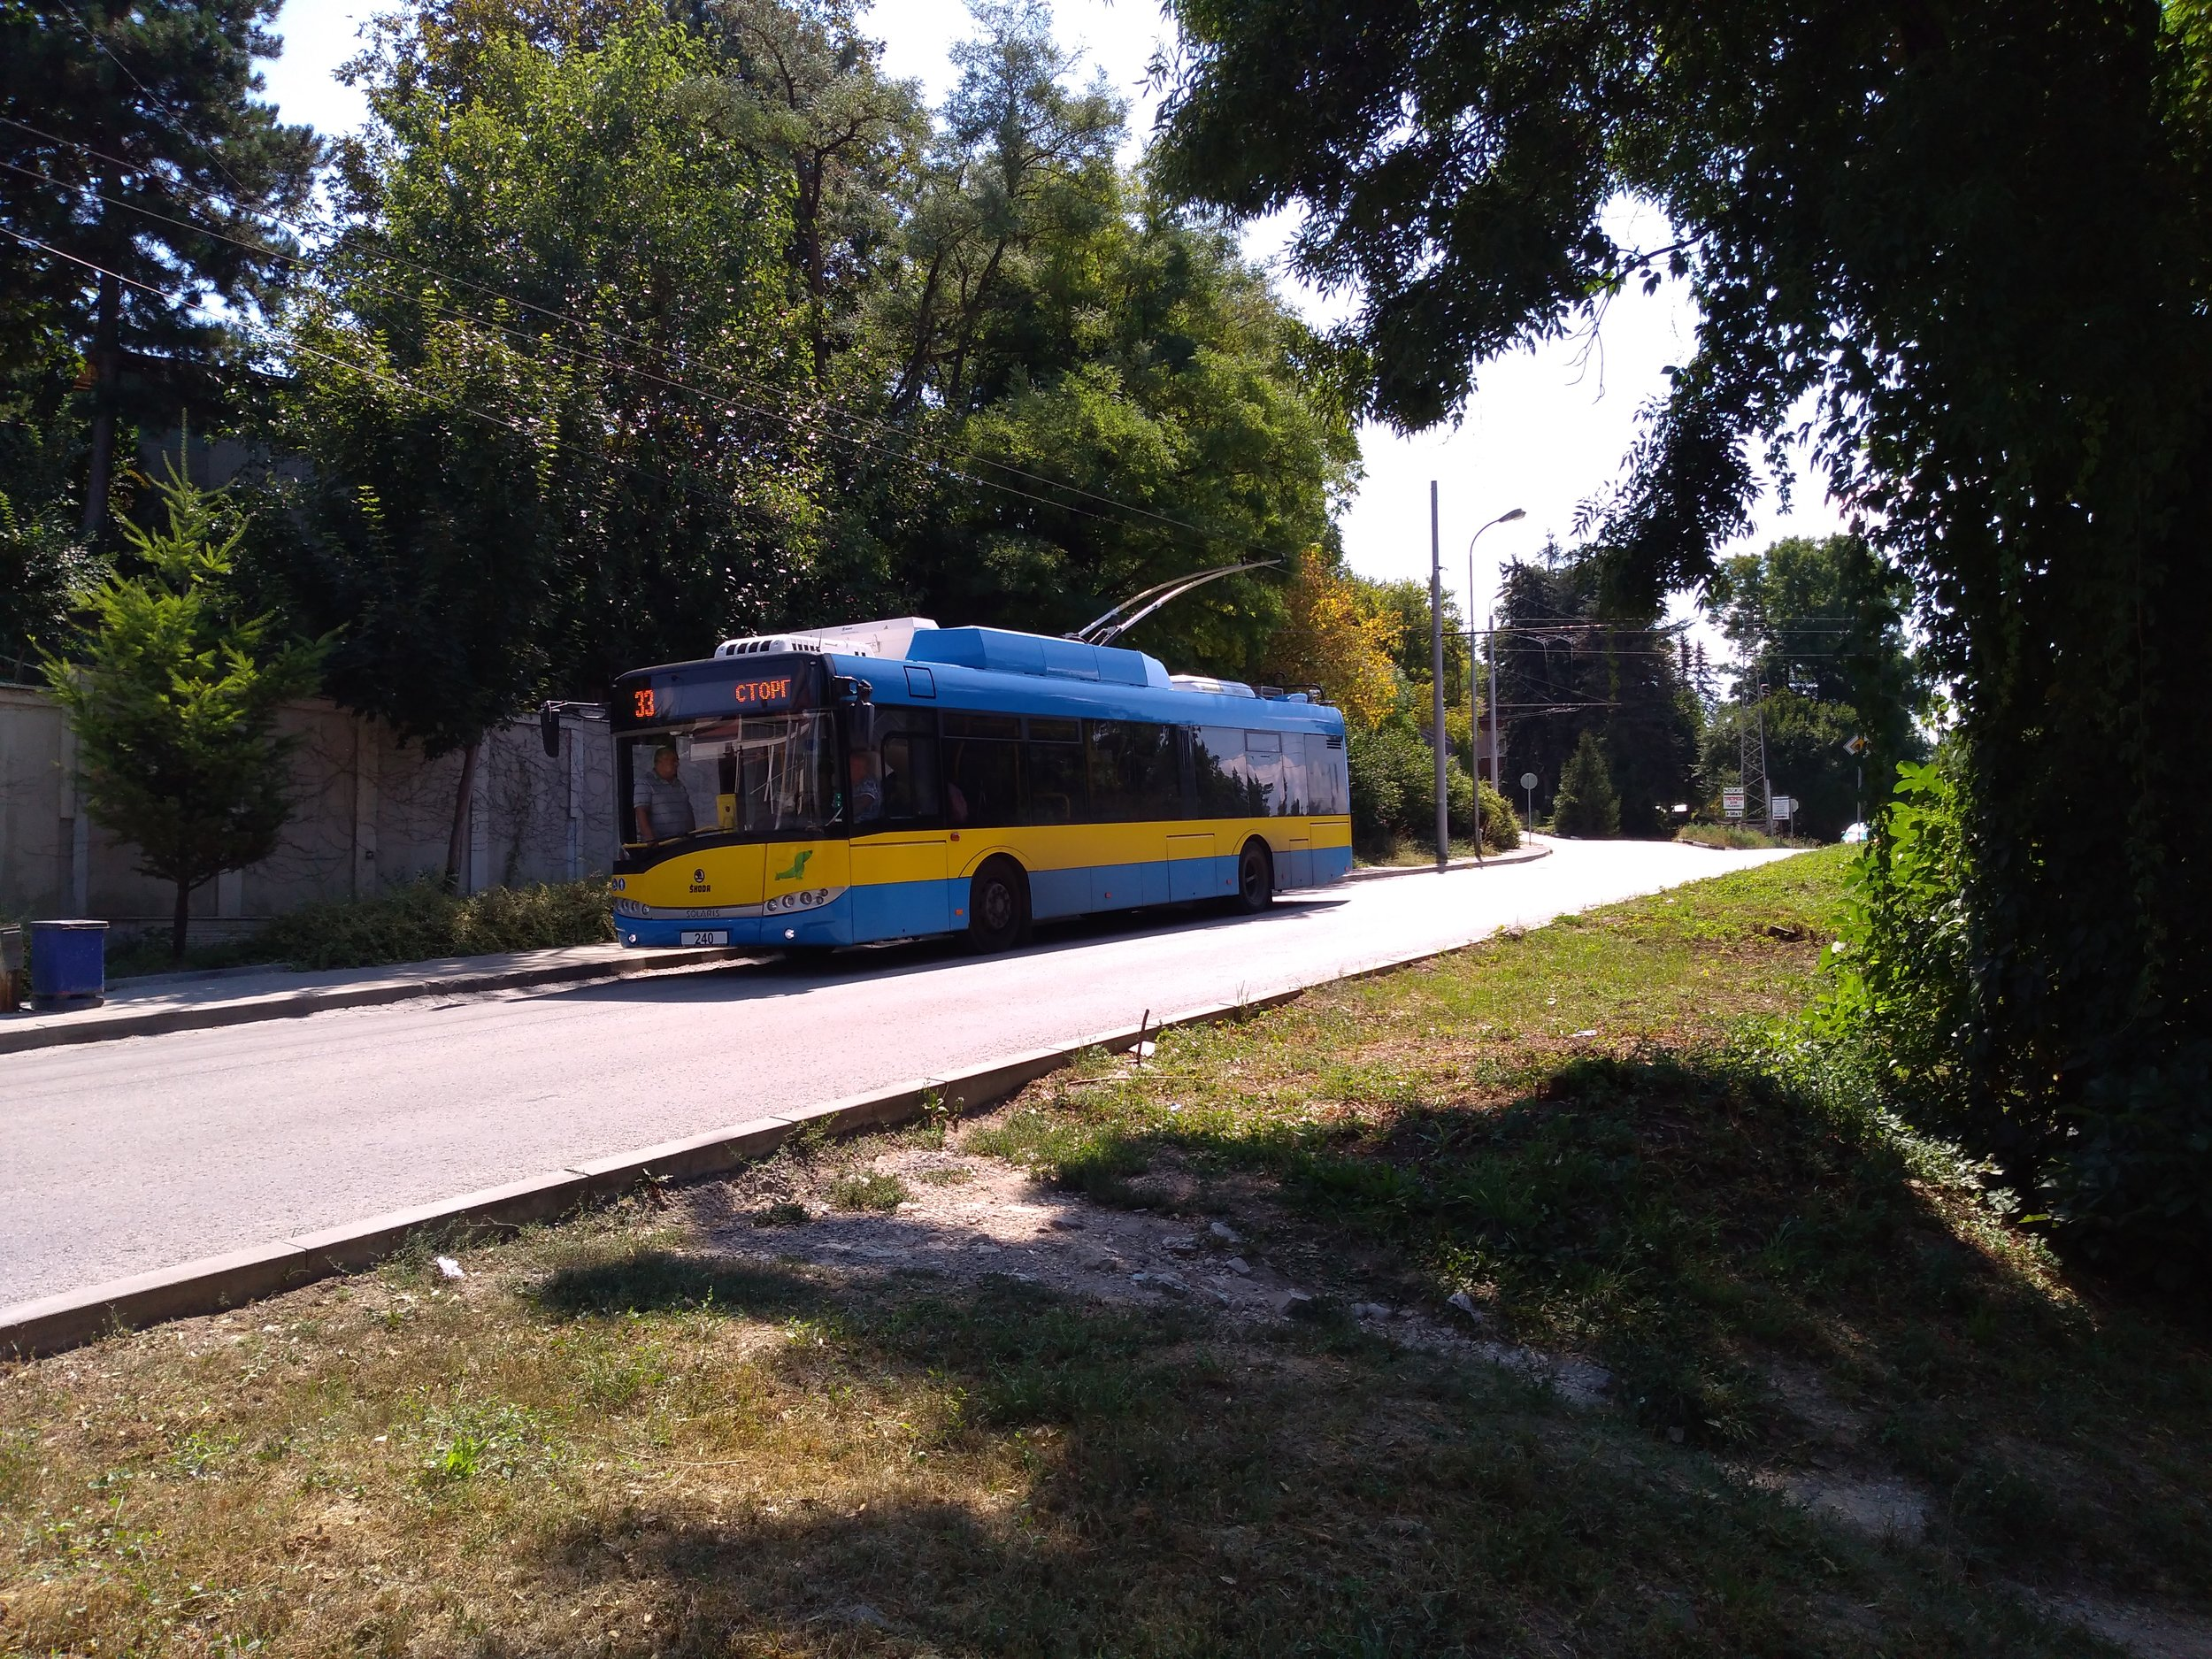 Následující galerie ukazuje jednostopou trať přes čtvrť Kajlăka, kterou začala obsluhovat linka č. 33. Snímky byly pořízeny proti směru hodinových ručiček (tj. proti směru jízdy linky č. 33, pokud není uvedeno jinak) a začínají u jižní konečné Mosta (za zády fotografa), kam začaly roku 1985 jezdit od nádraží vůbec první trolejbusy. Trať není do konečné Mosta zaústěna, jen ji lemuje z východní strany a teprve poté se napojuje na původní trať.